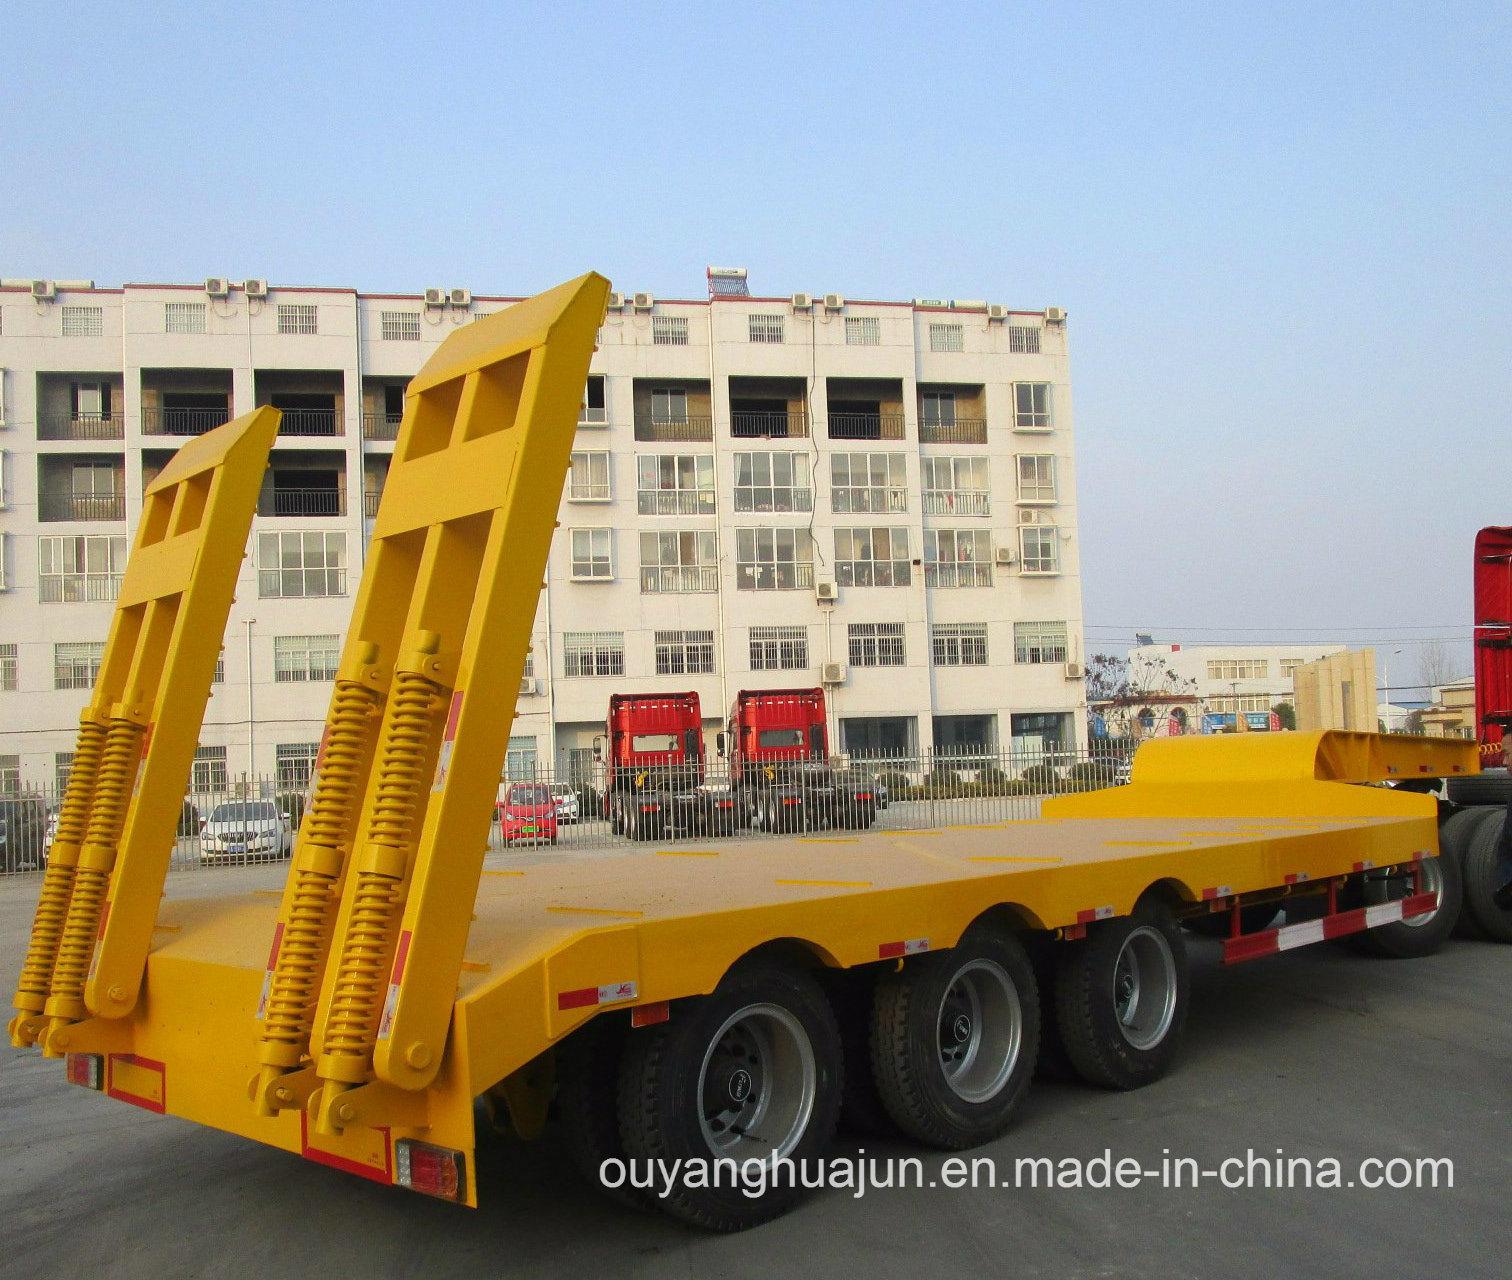 2 Axles Gooseneck Excavator Carrier Vehicle Semitrailer